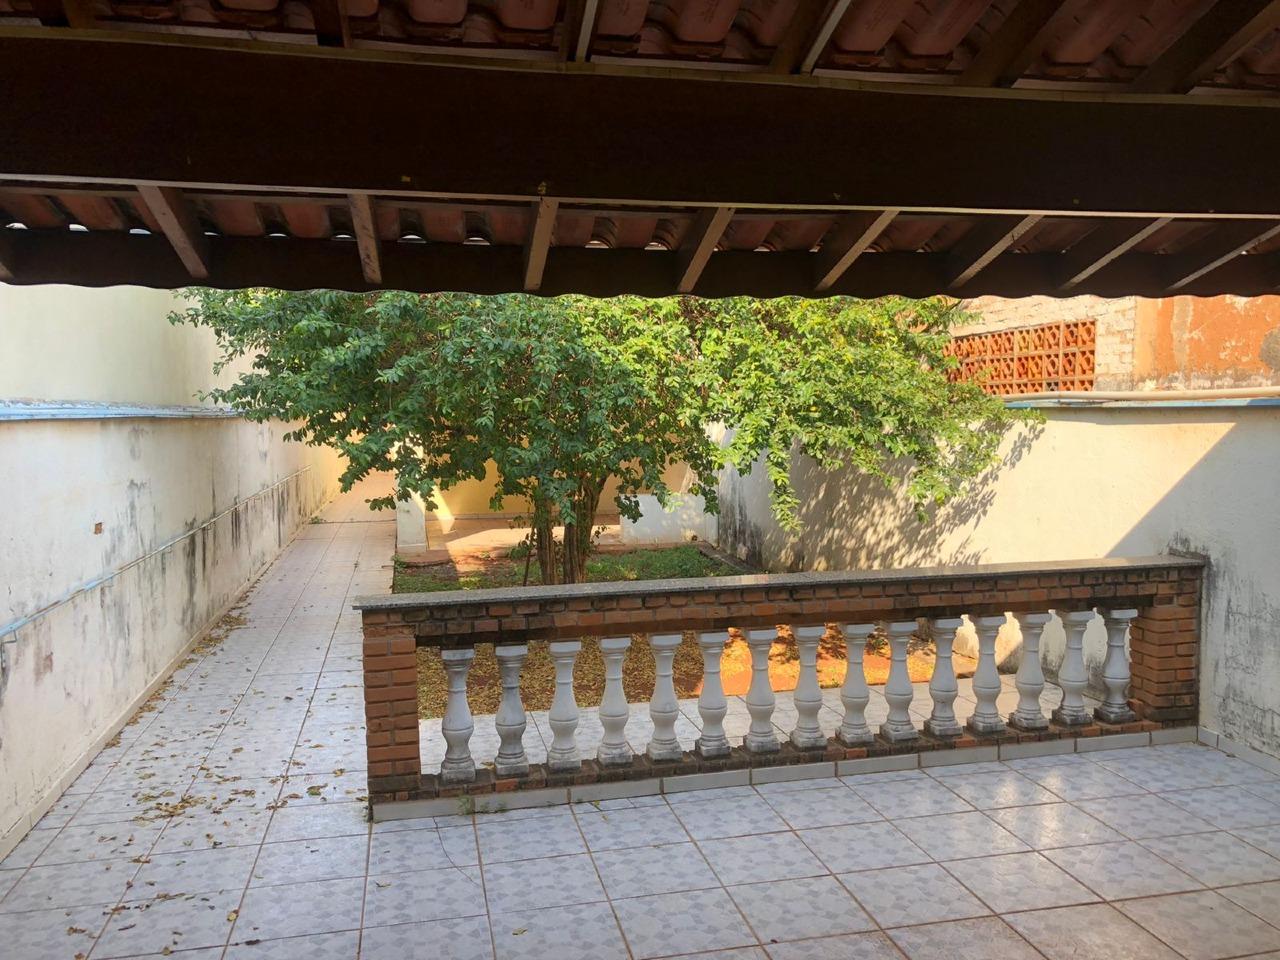 Casa para comprar, 2 quartos, 2 vagas, no bairro Cidade Alta em Piracicaba - SP